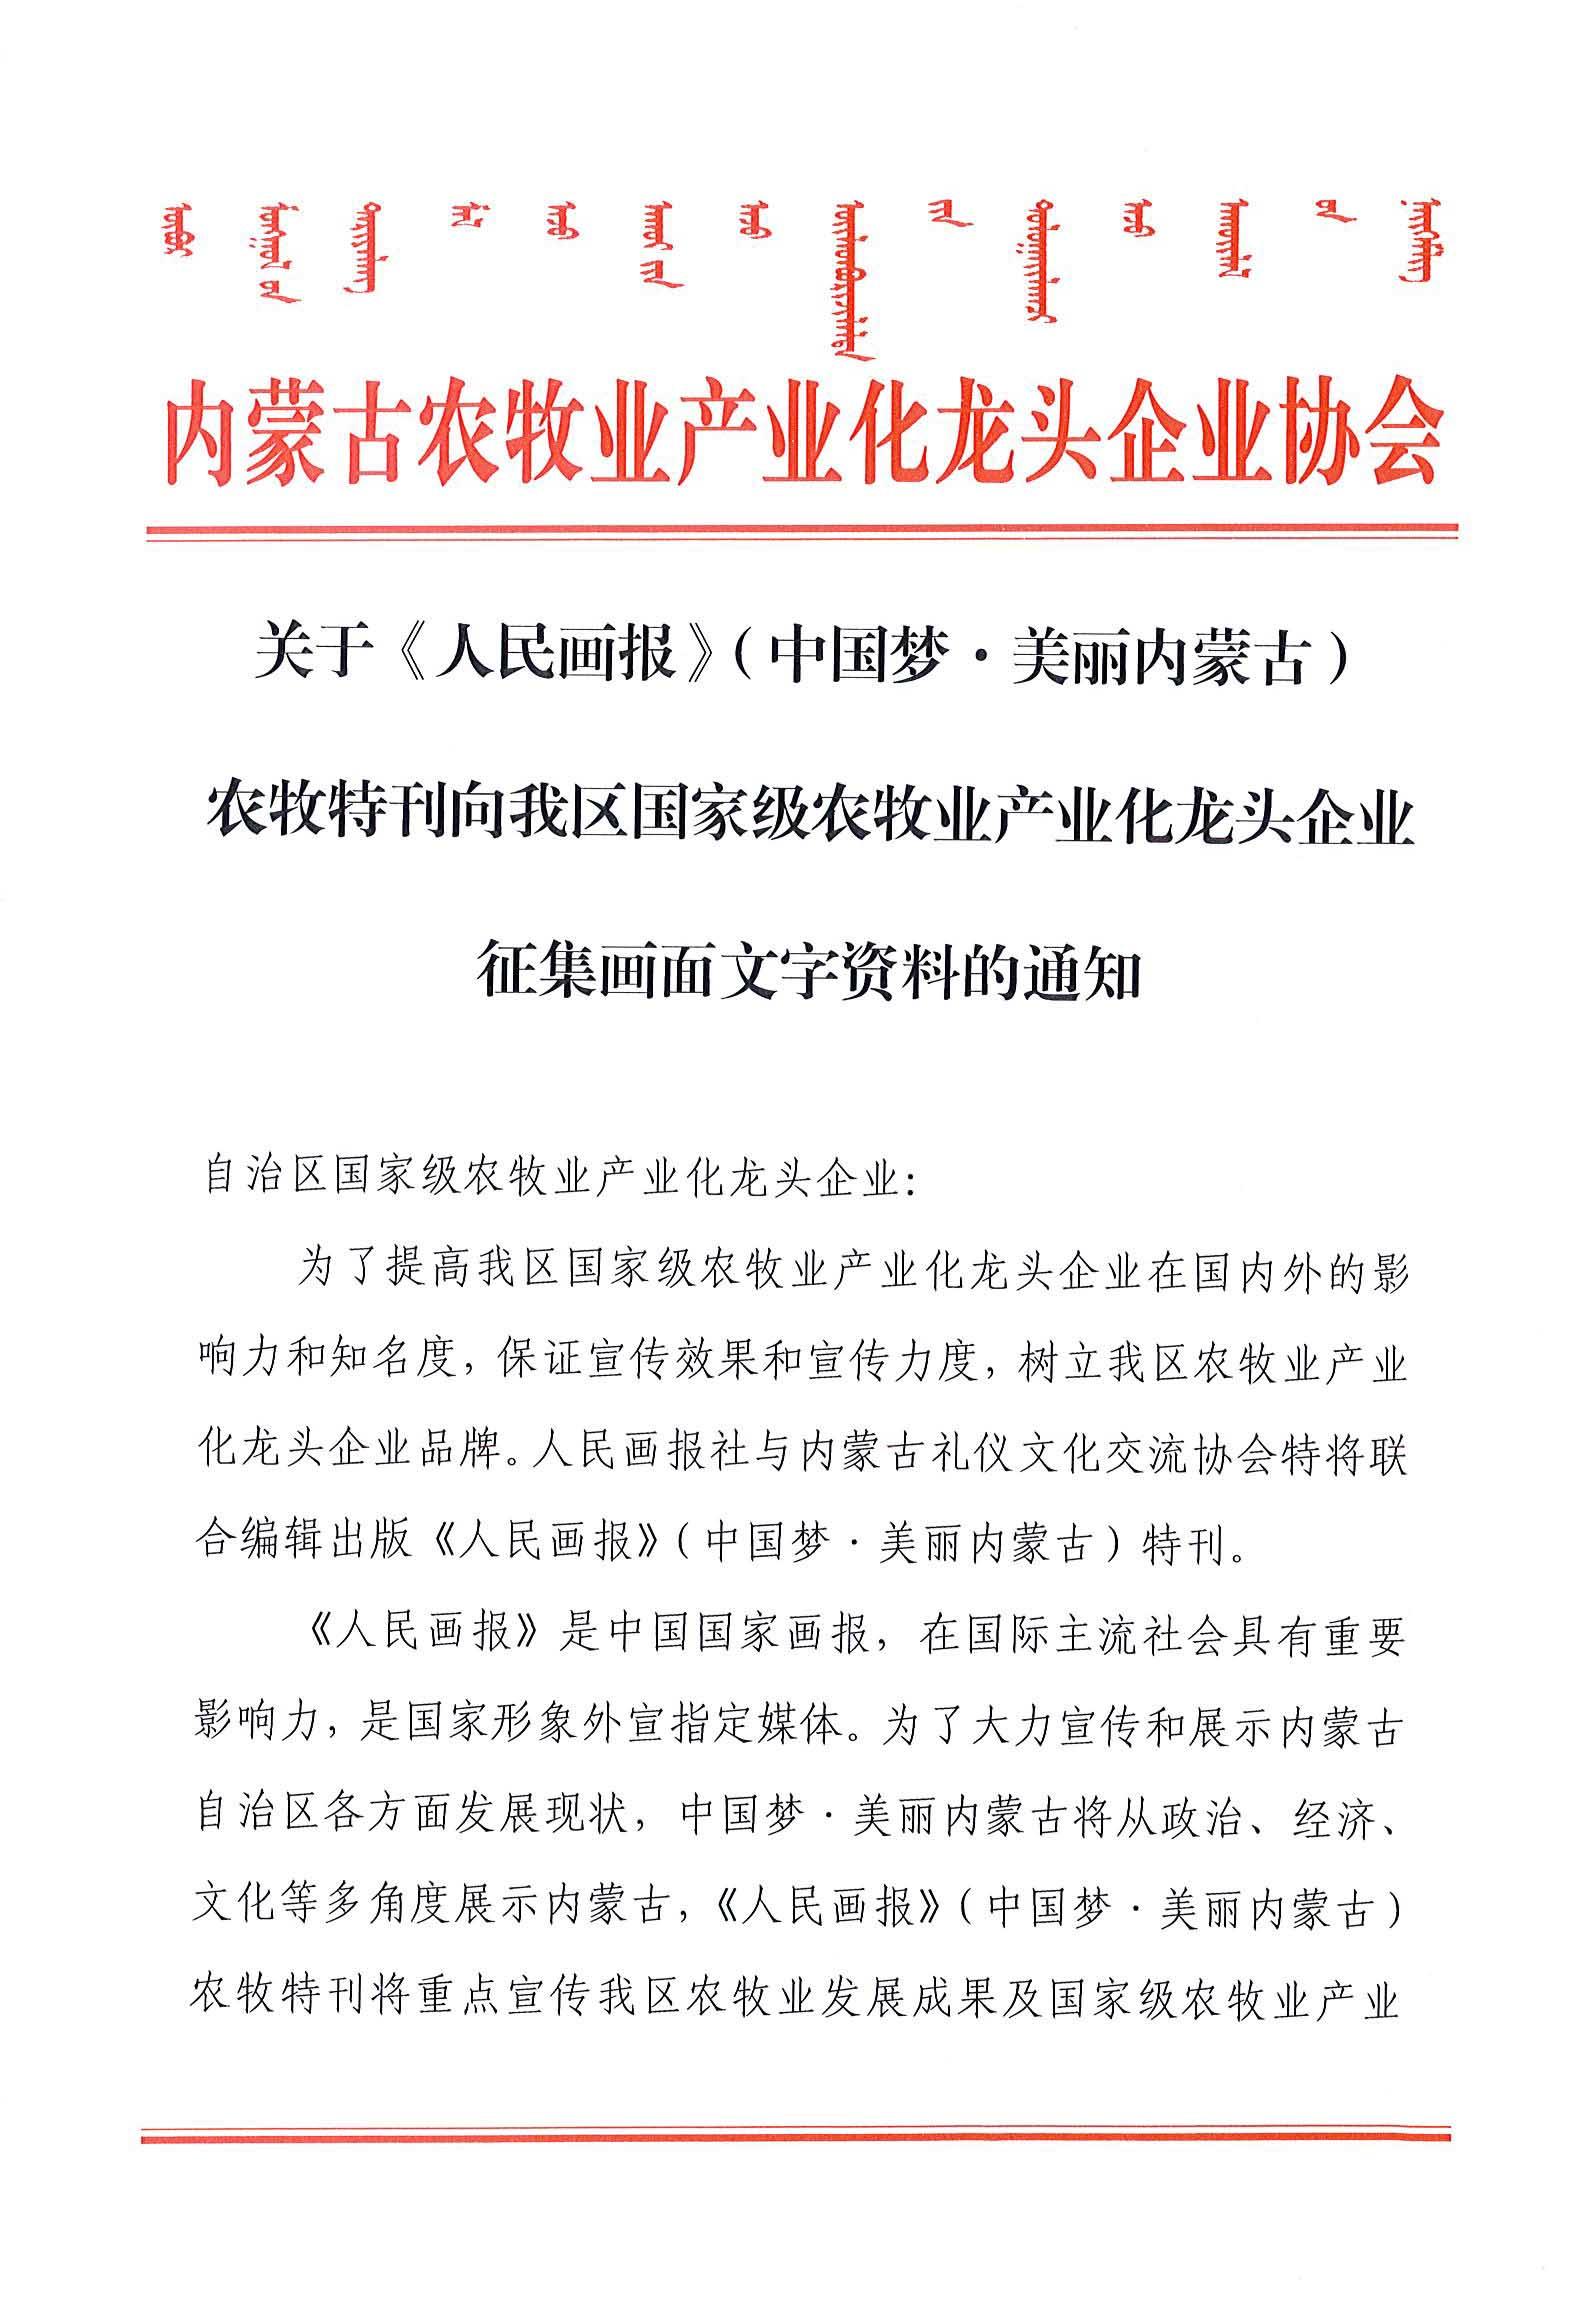 关于《人民画报》(中国梦·美丽内蒙古)农牧特刊向我区国家级农牧业